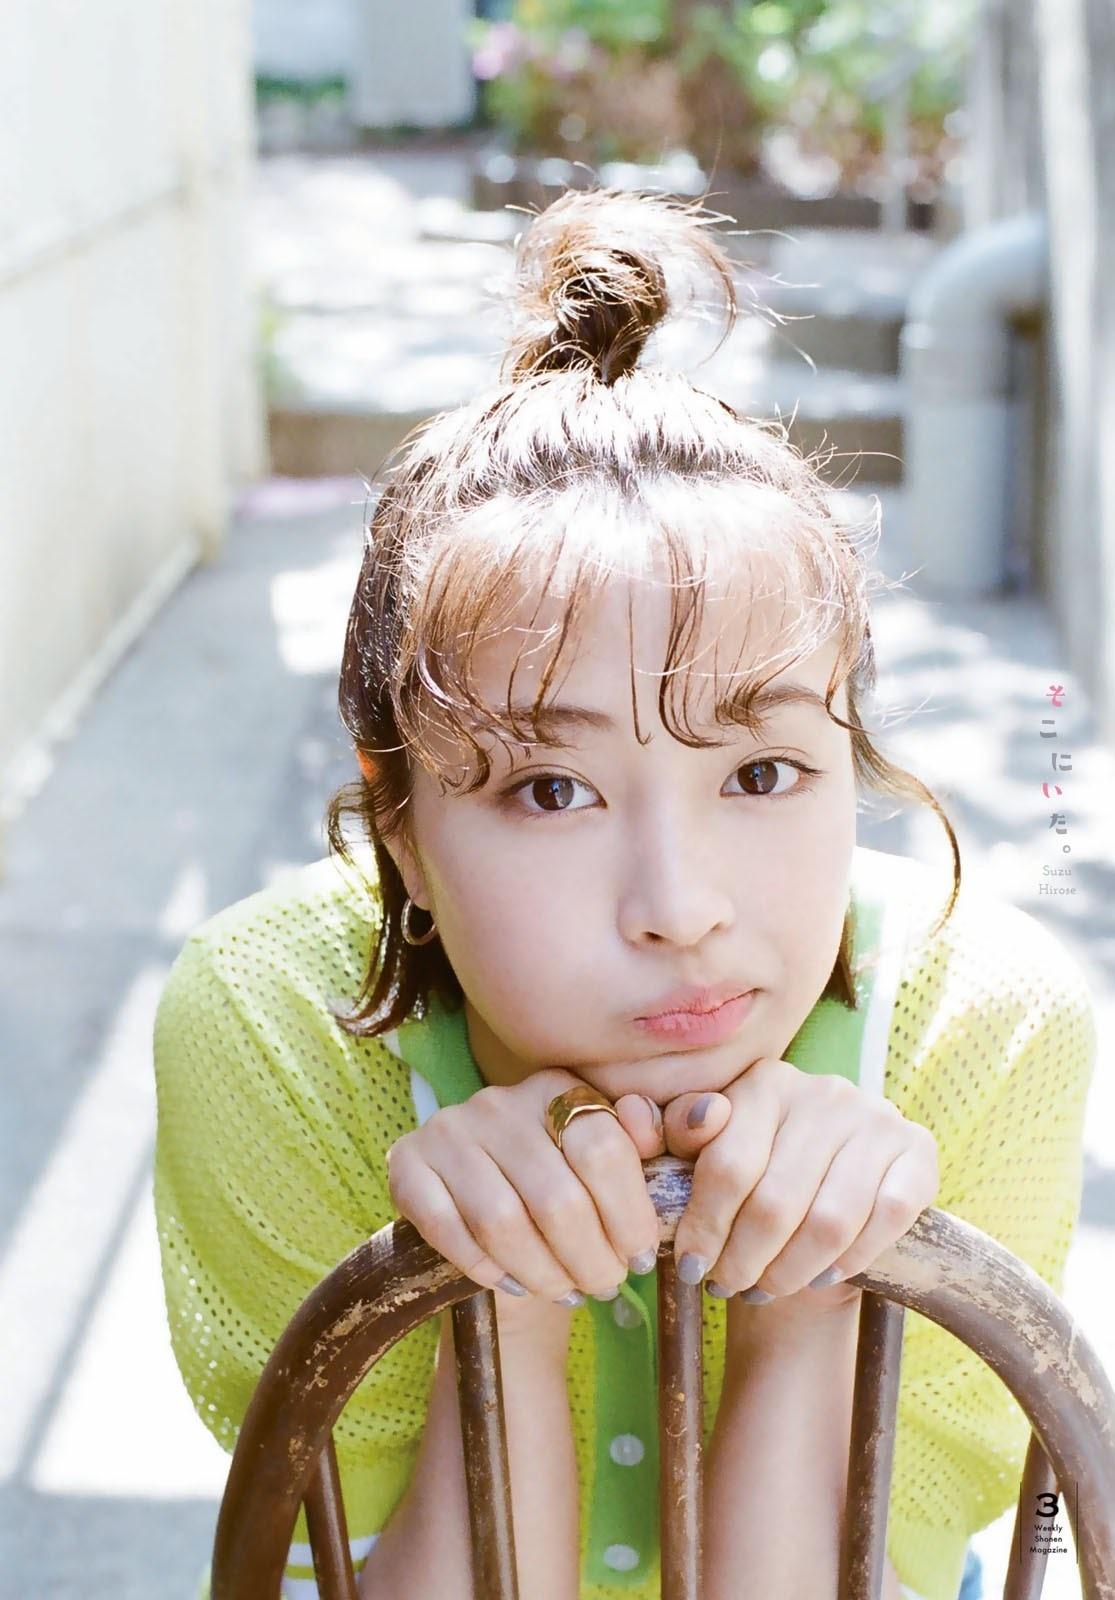 少年Magazine 广濑丝丝 广濑铃003